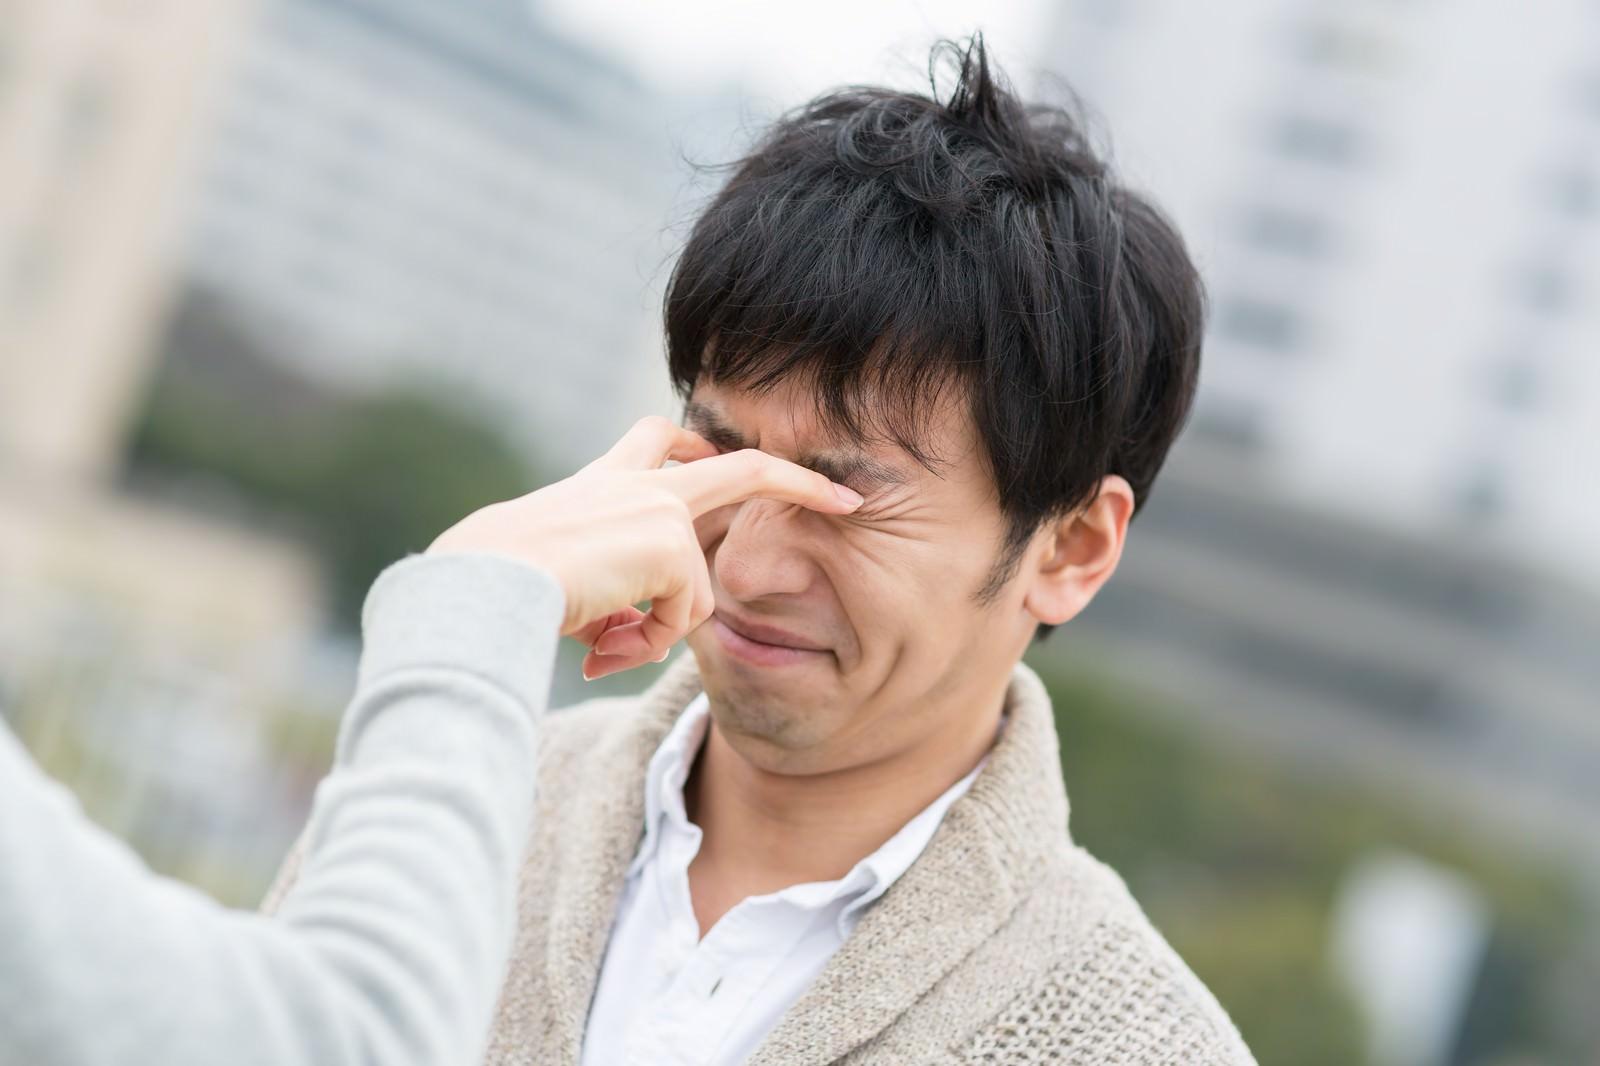 「恋人との喧嘩で目を潰される男性恋人との喧嘩で目を潰される男性」[モデル:大川竜弥]のフリー写真素材を拡大